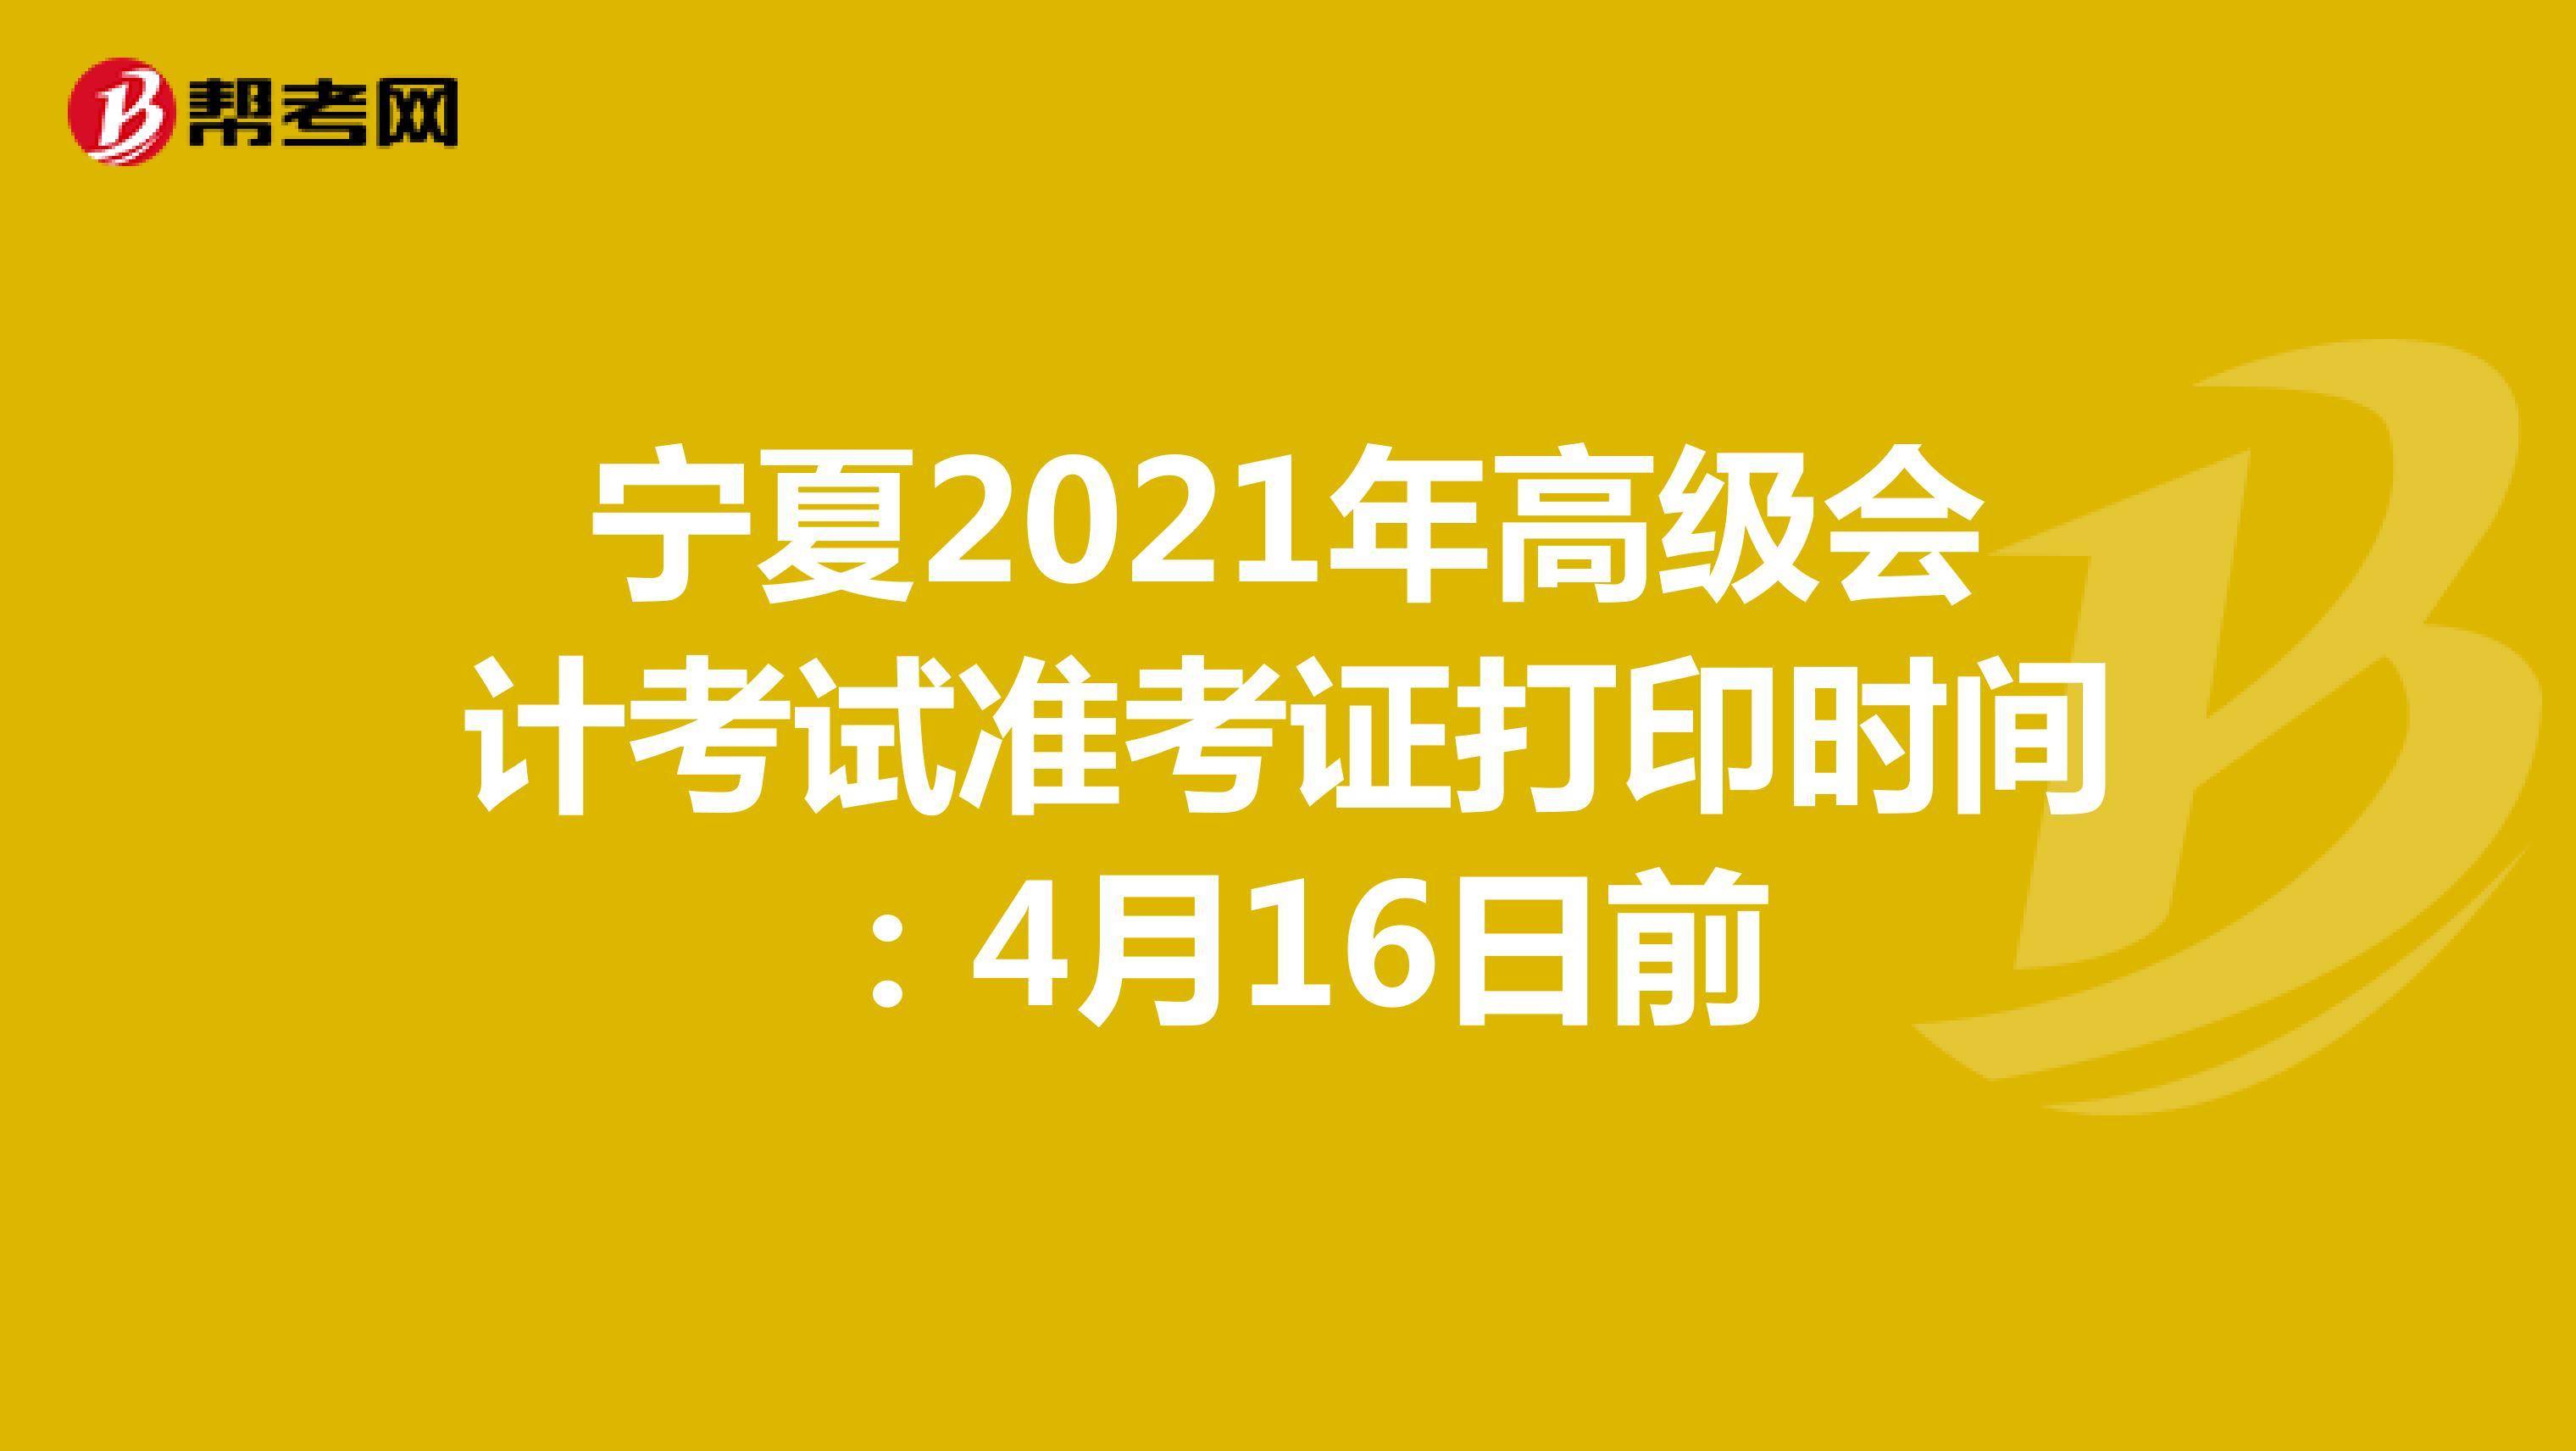 宁夏2021年高级会计考试准考证打印时间:4月16日前